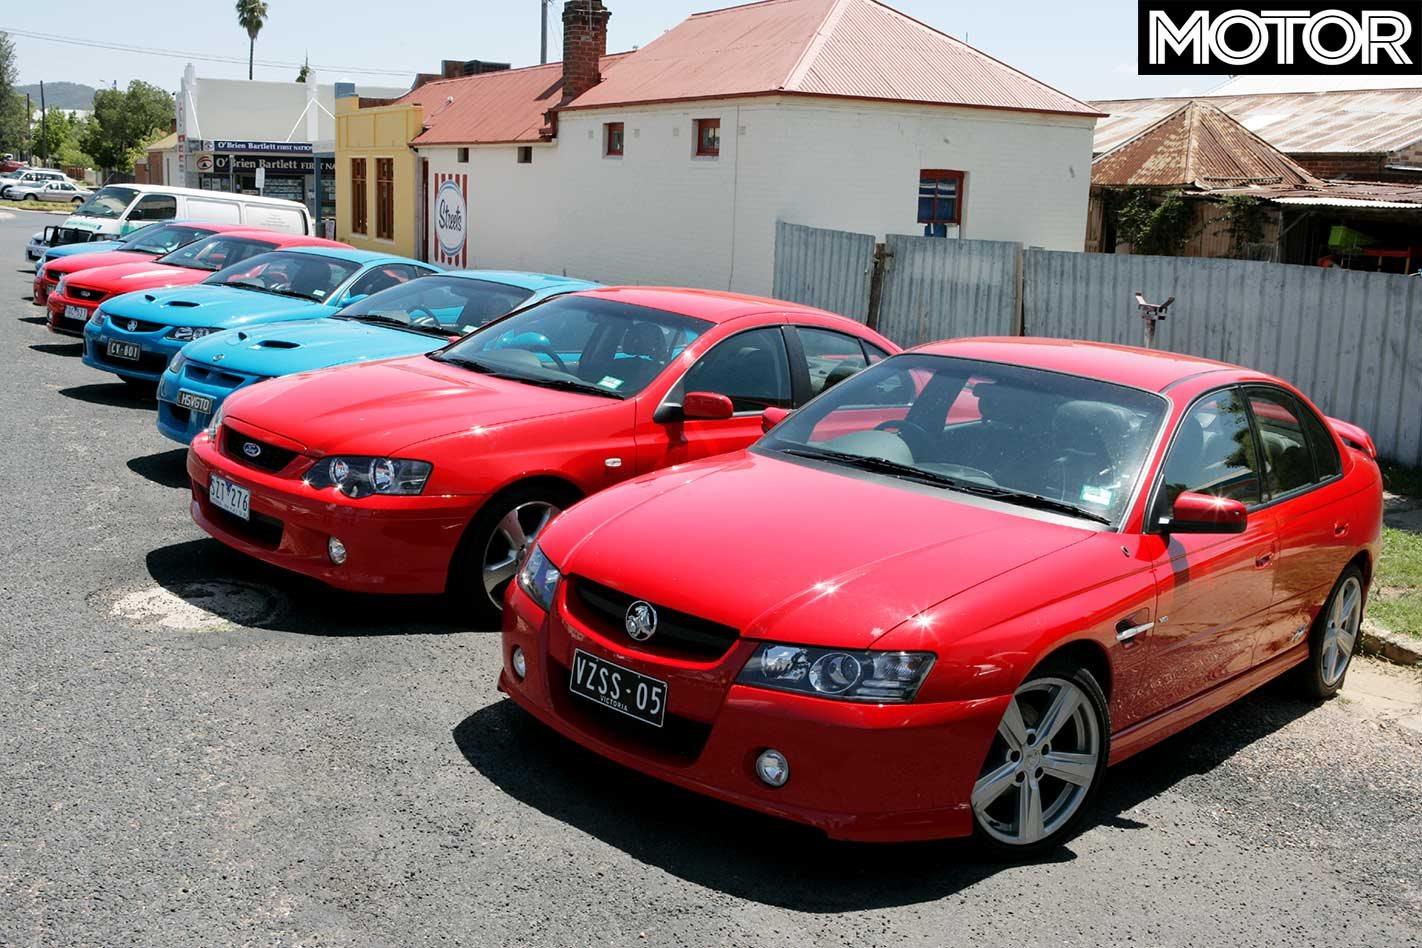 All Aussie Showdown 2005: Holden Commodore SS vs Monaro CV8 vs